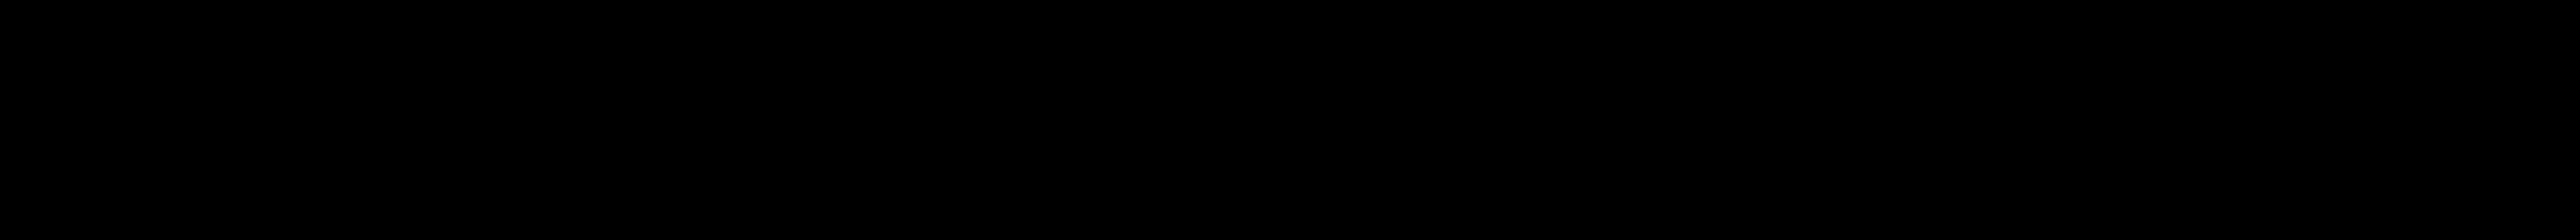 ZOEGB